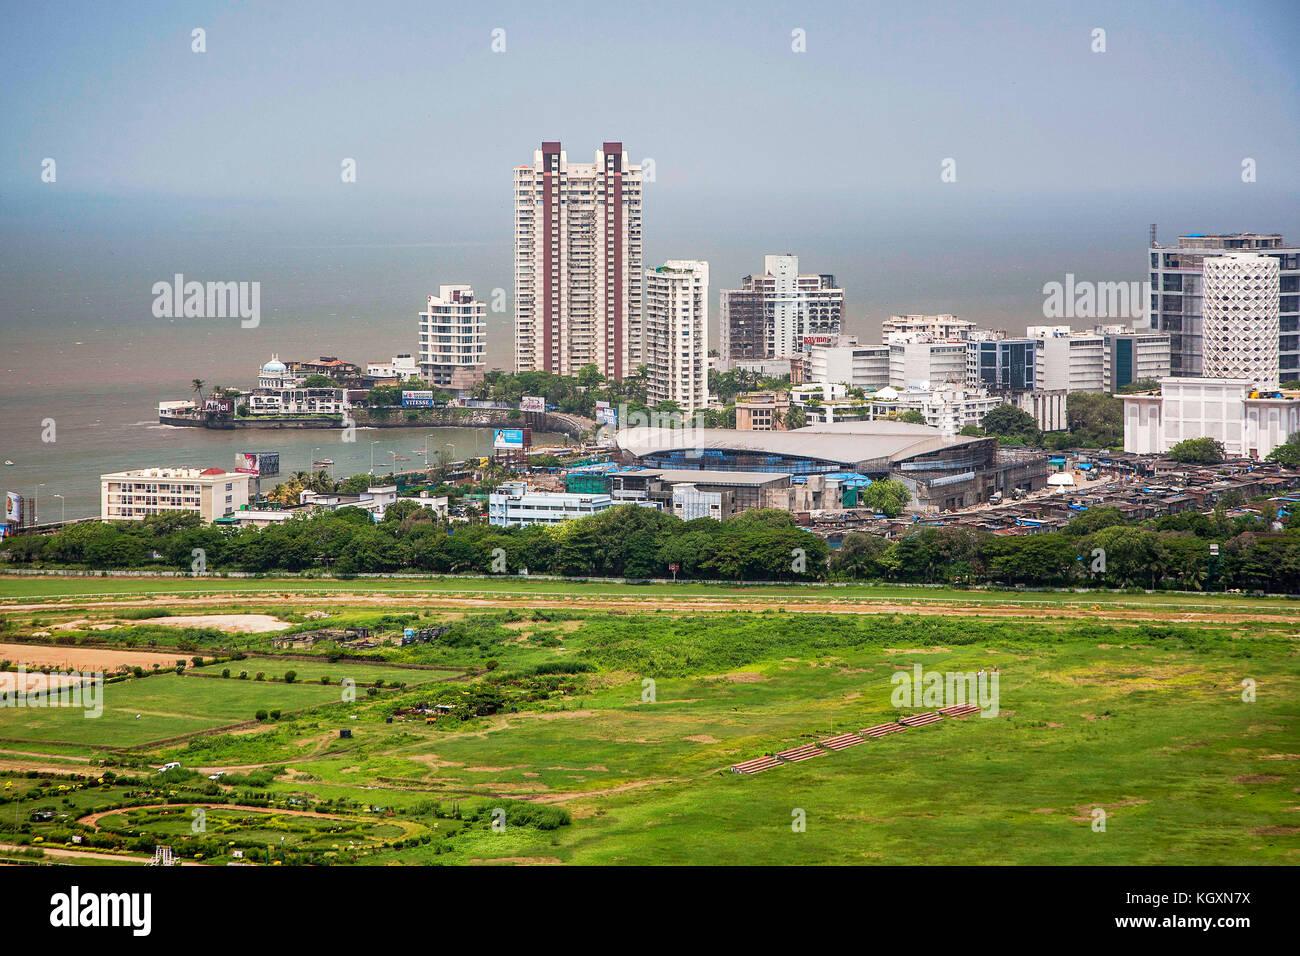 Mahalaxmi racecourse, Bombay, Maharashtra, India, Asia Imagen De Stock